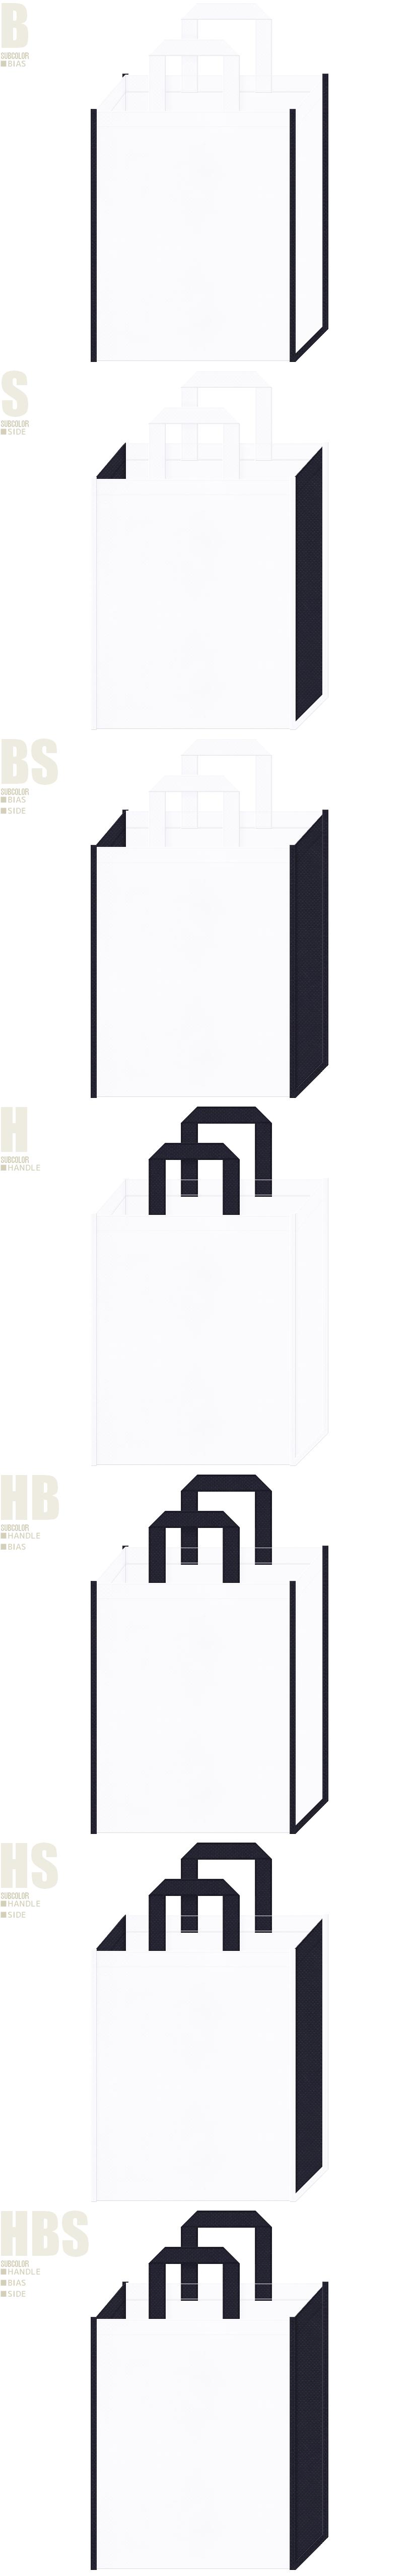 白色と濃紺色の不織布トートバッグデザイン。学校・オープンキャンパス、マリンスポーツ・クルージング・ヨット・ボート免許セミナーのバッグにお奨めです。